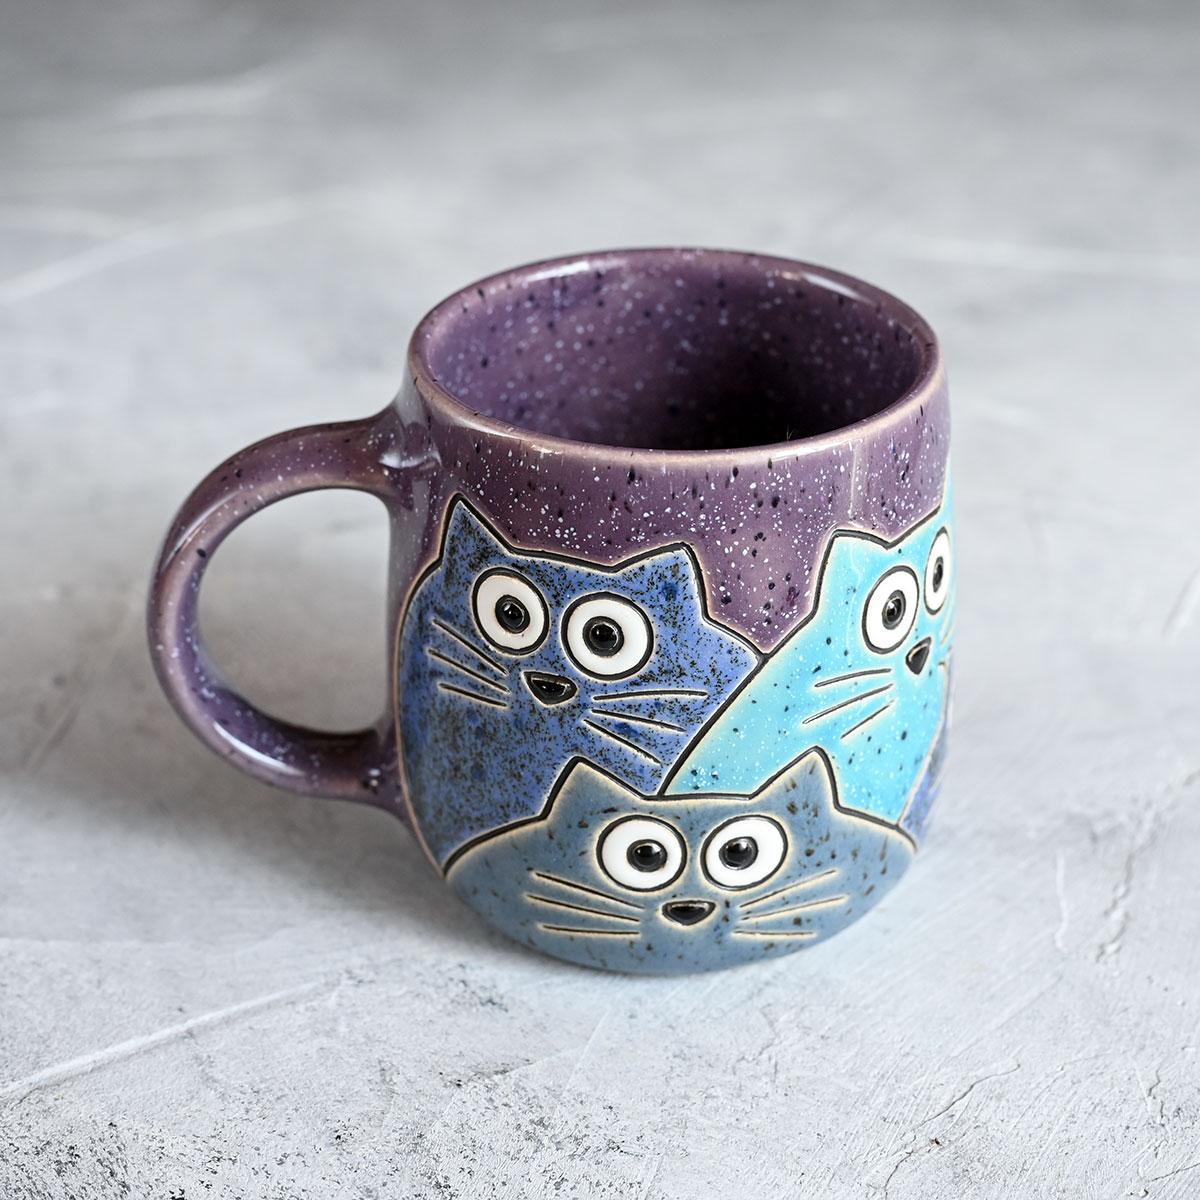 """картинка Кружка """"Котики"""" большая фиолетовая 400 мл - DishWishes.Ru"""